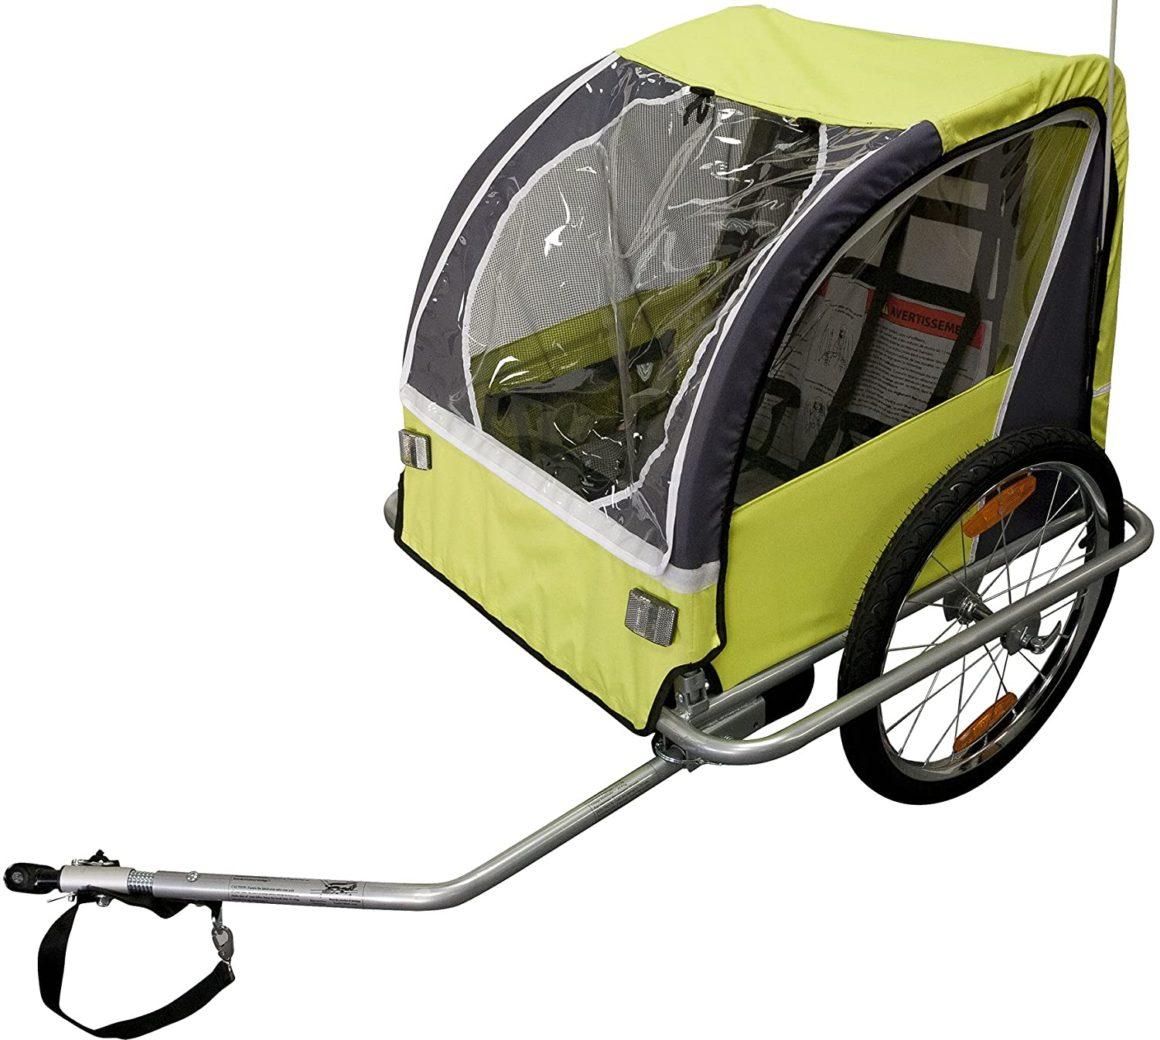 Rimorchio per bici per bambini Durca